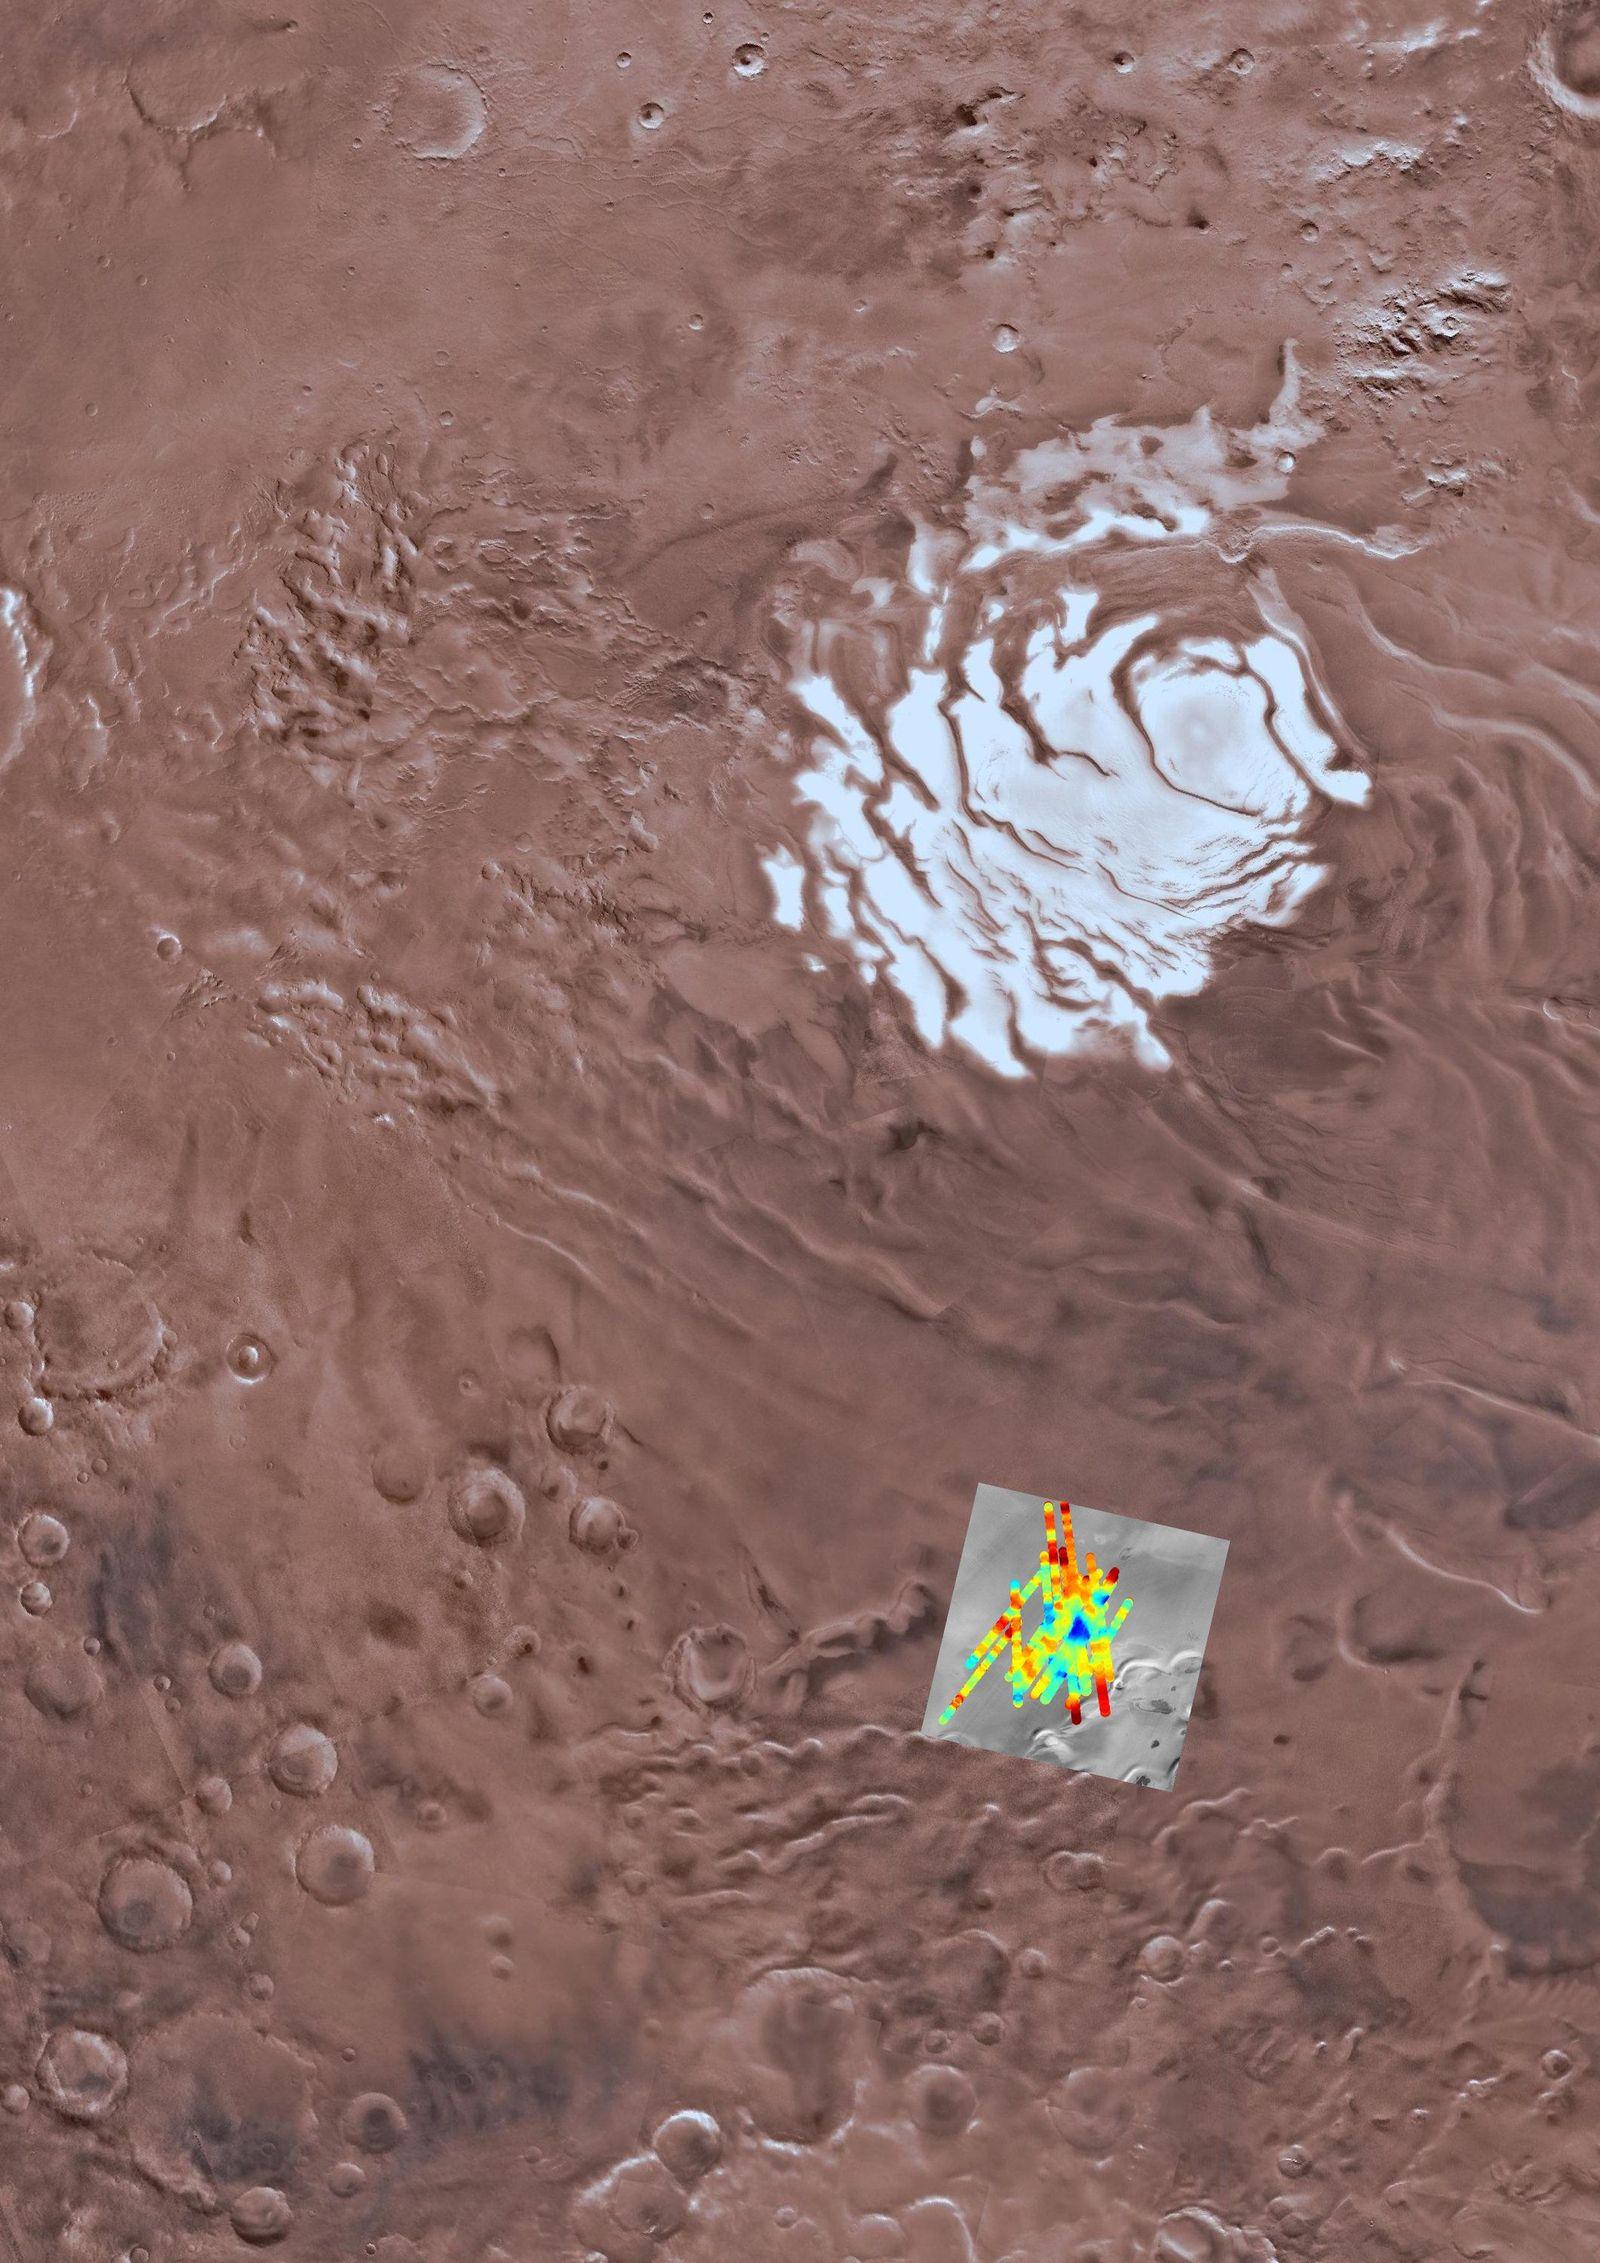 SPERRFRIST 25.07.18 16 Uhr / Wasser auf dem Mars